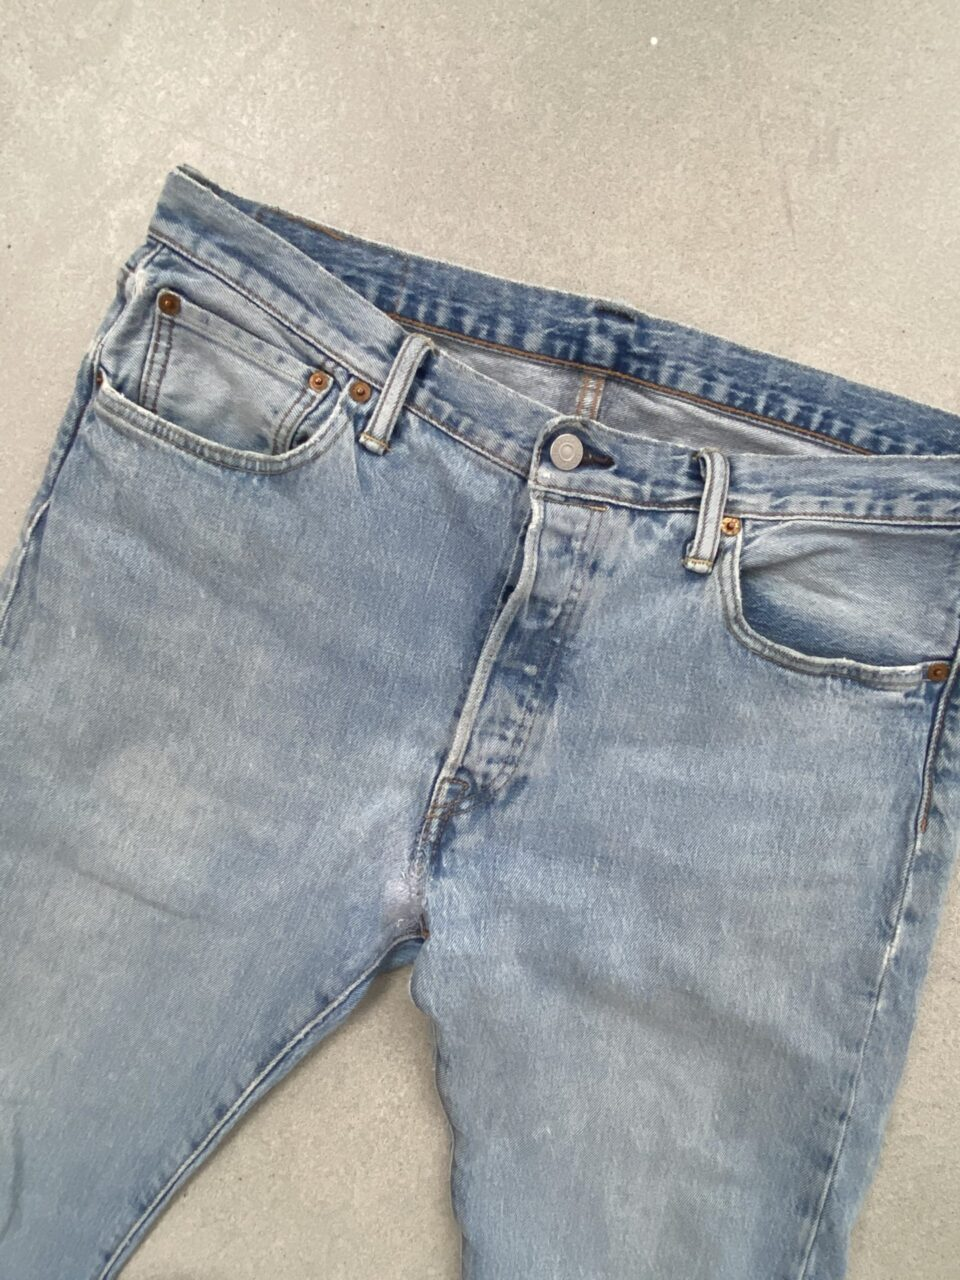 blauwe spijkerbroek op betonvloer